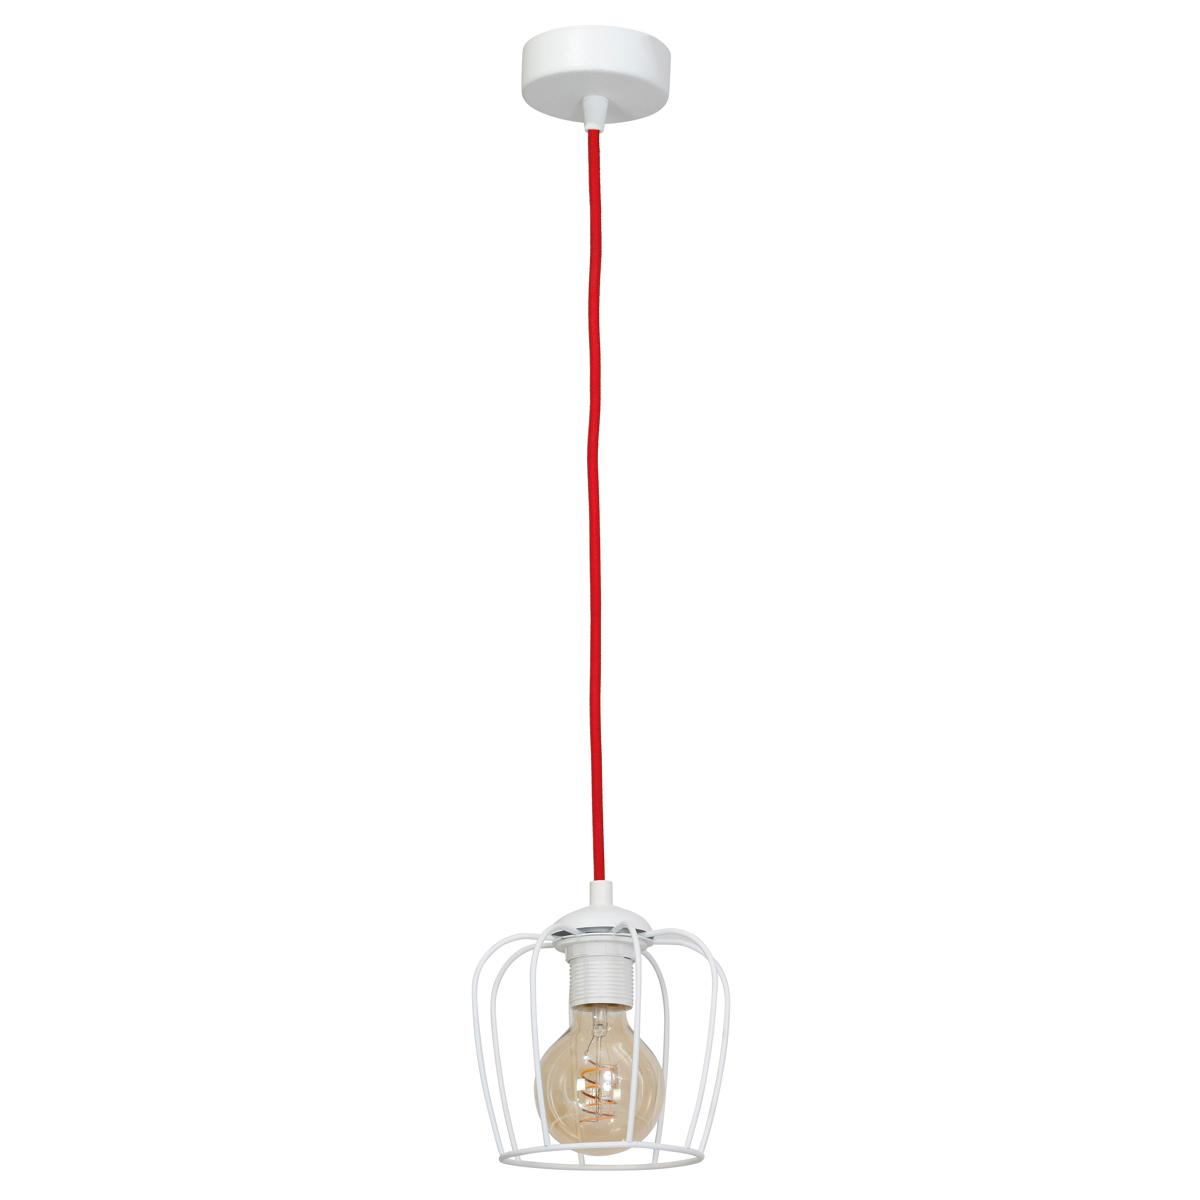 klosz matowy biały(kabel w czerwonym oplocie)